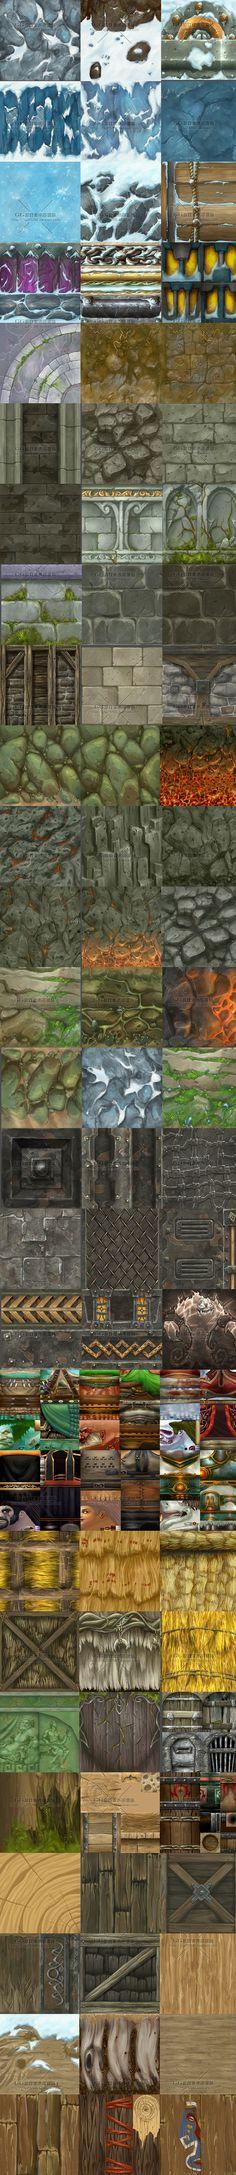 CG游戏资源素材手绘材质魔兽世界全套场景...